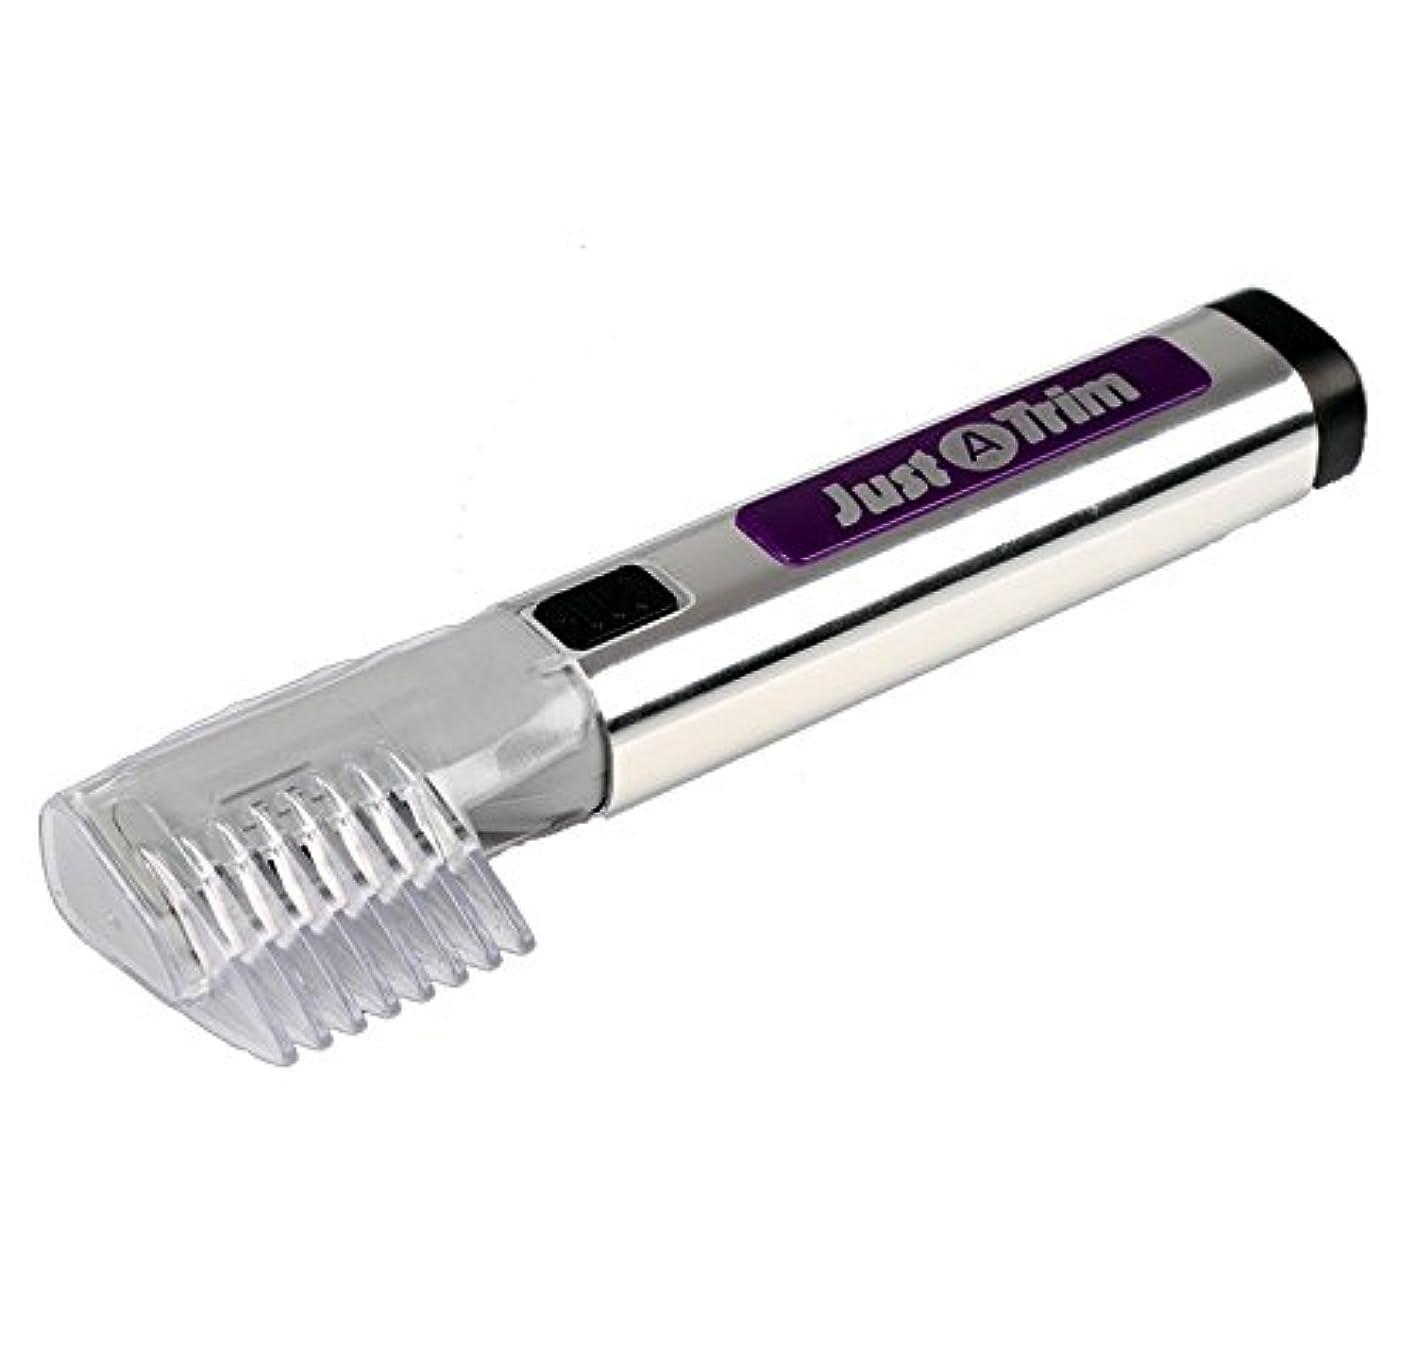 肥料実り多い細断無駄 毛 トリマー 電池 式 電動 カミソリ 眉毛 ヒゲ 整髪 SD-EH-113